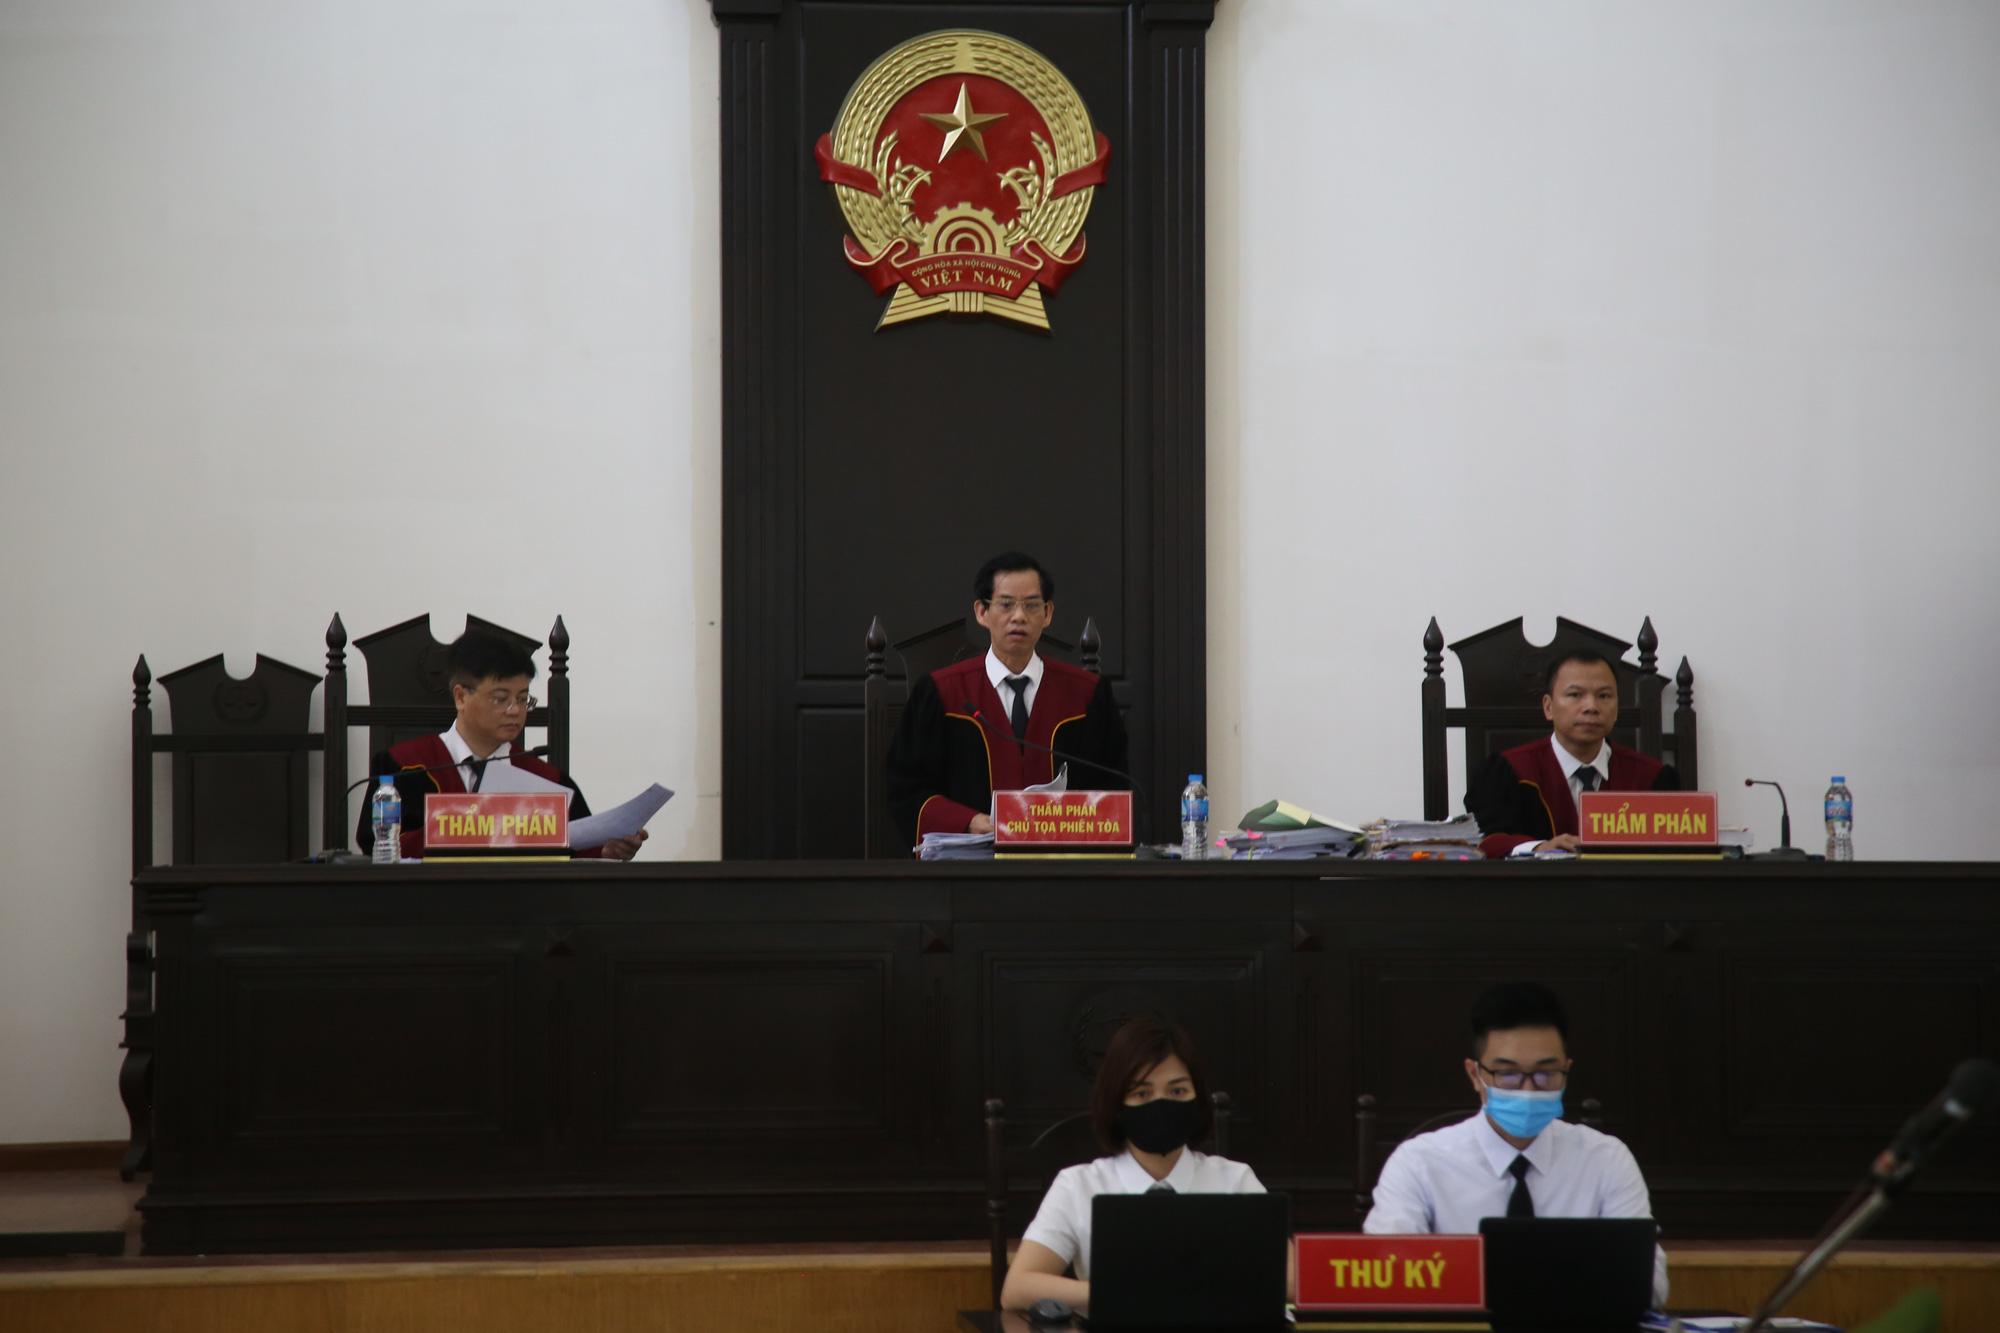 Bị cáo ở đại án Trần Bắc Hà kháng cáo, tòa phúc thẩm nói án sơ thẩm quá nhẹ - Ảnh 3.